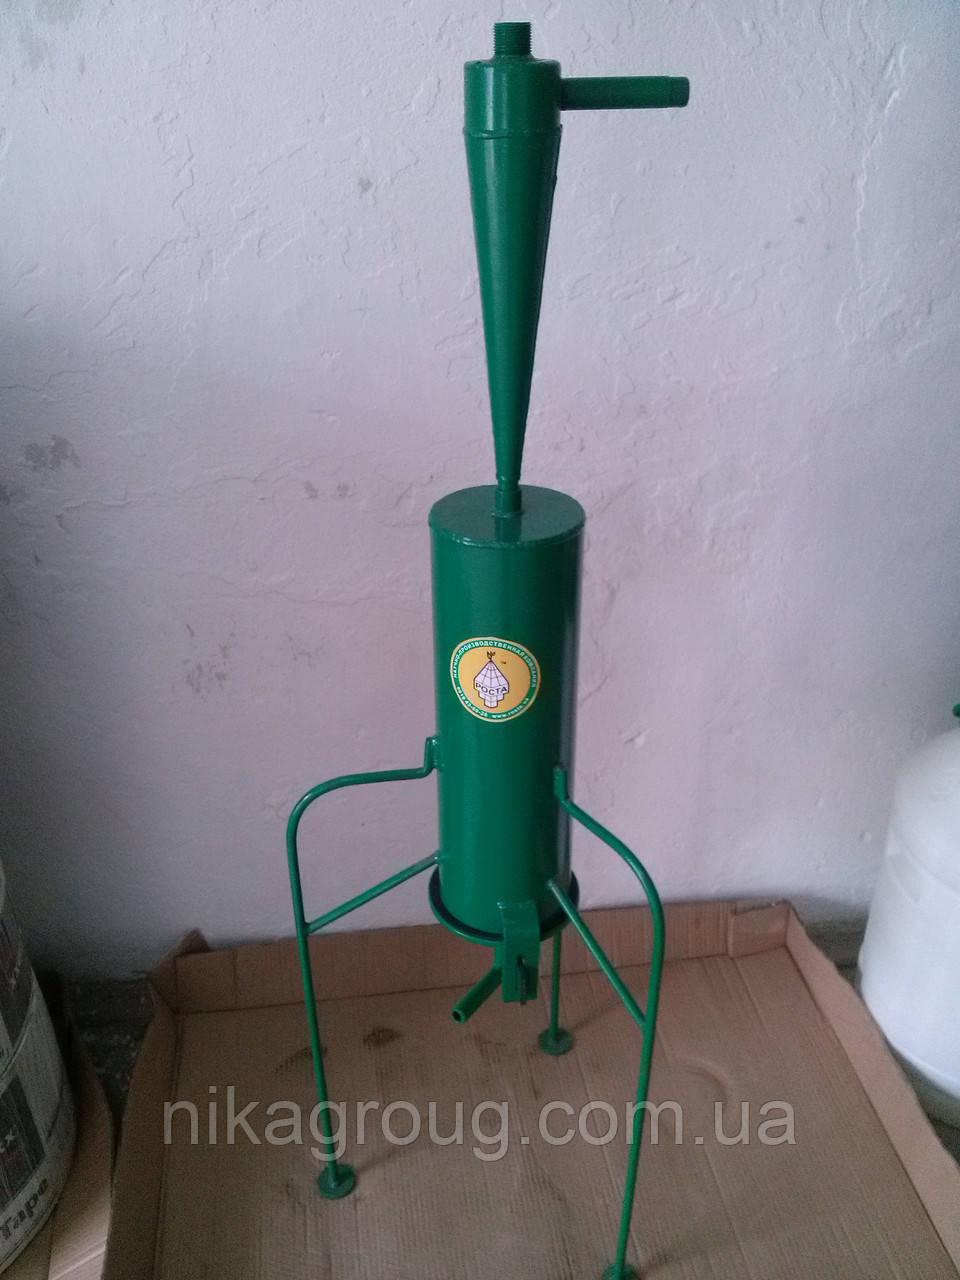 Купить гидроциклон для очистки воды дробильно сортировочное оборудование в Йошкар-Ола